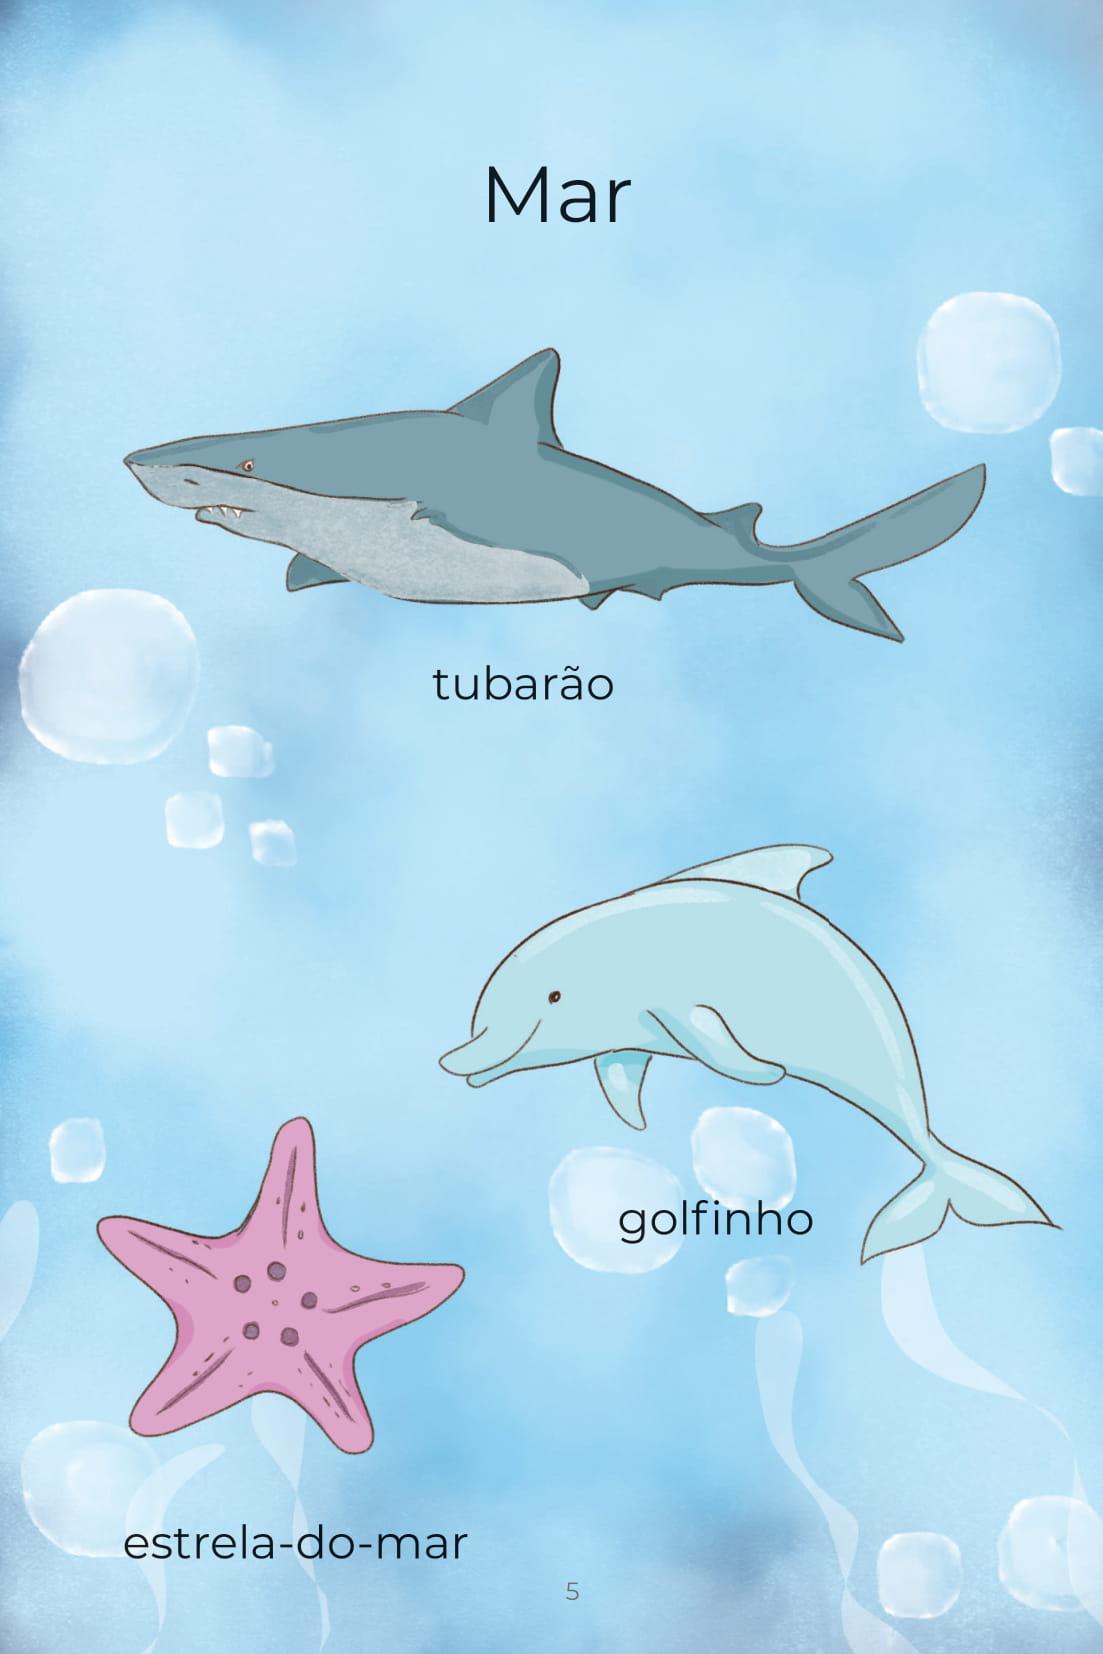 Mar tubarão golfinho estrela-do-mar